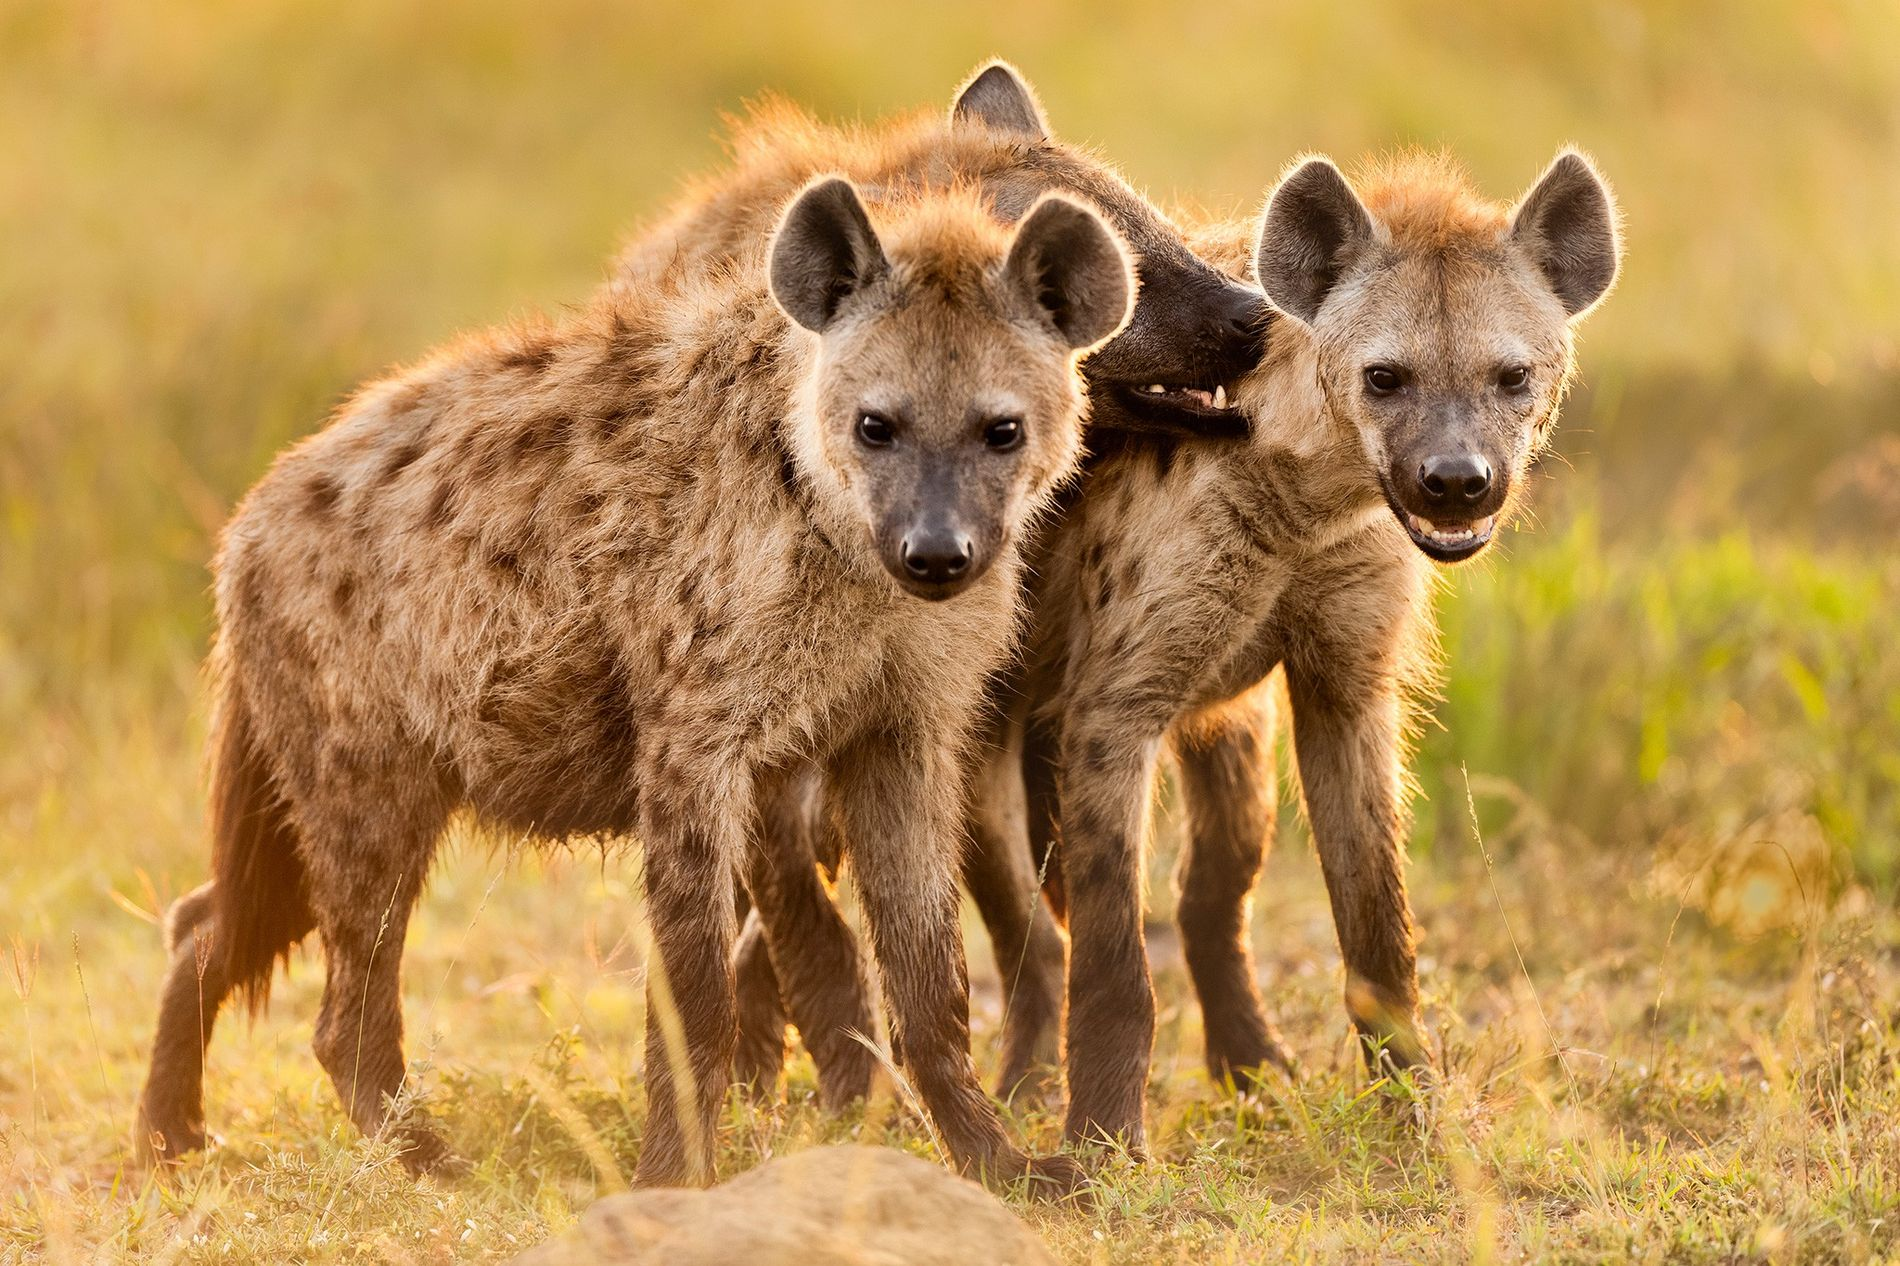 Tüpfelhyänen blicken vor ihrem Bau in der kenianischen Masai Mara in die Kamera des Fotografen. Hyäneneltern spielen mit ihrem Nachwuchs viel ausgiebiger als andere Fleischfresser.